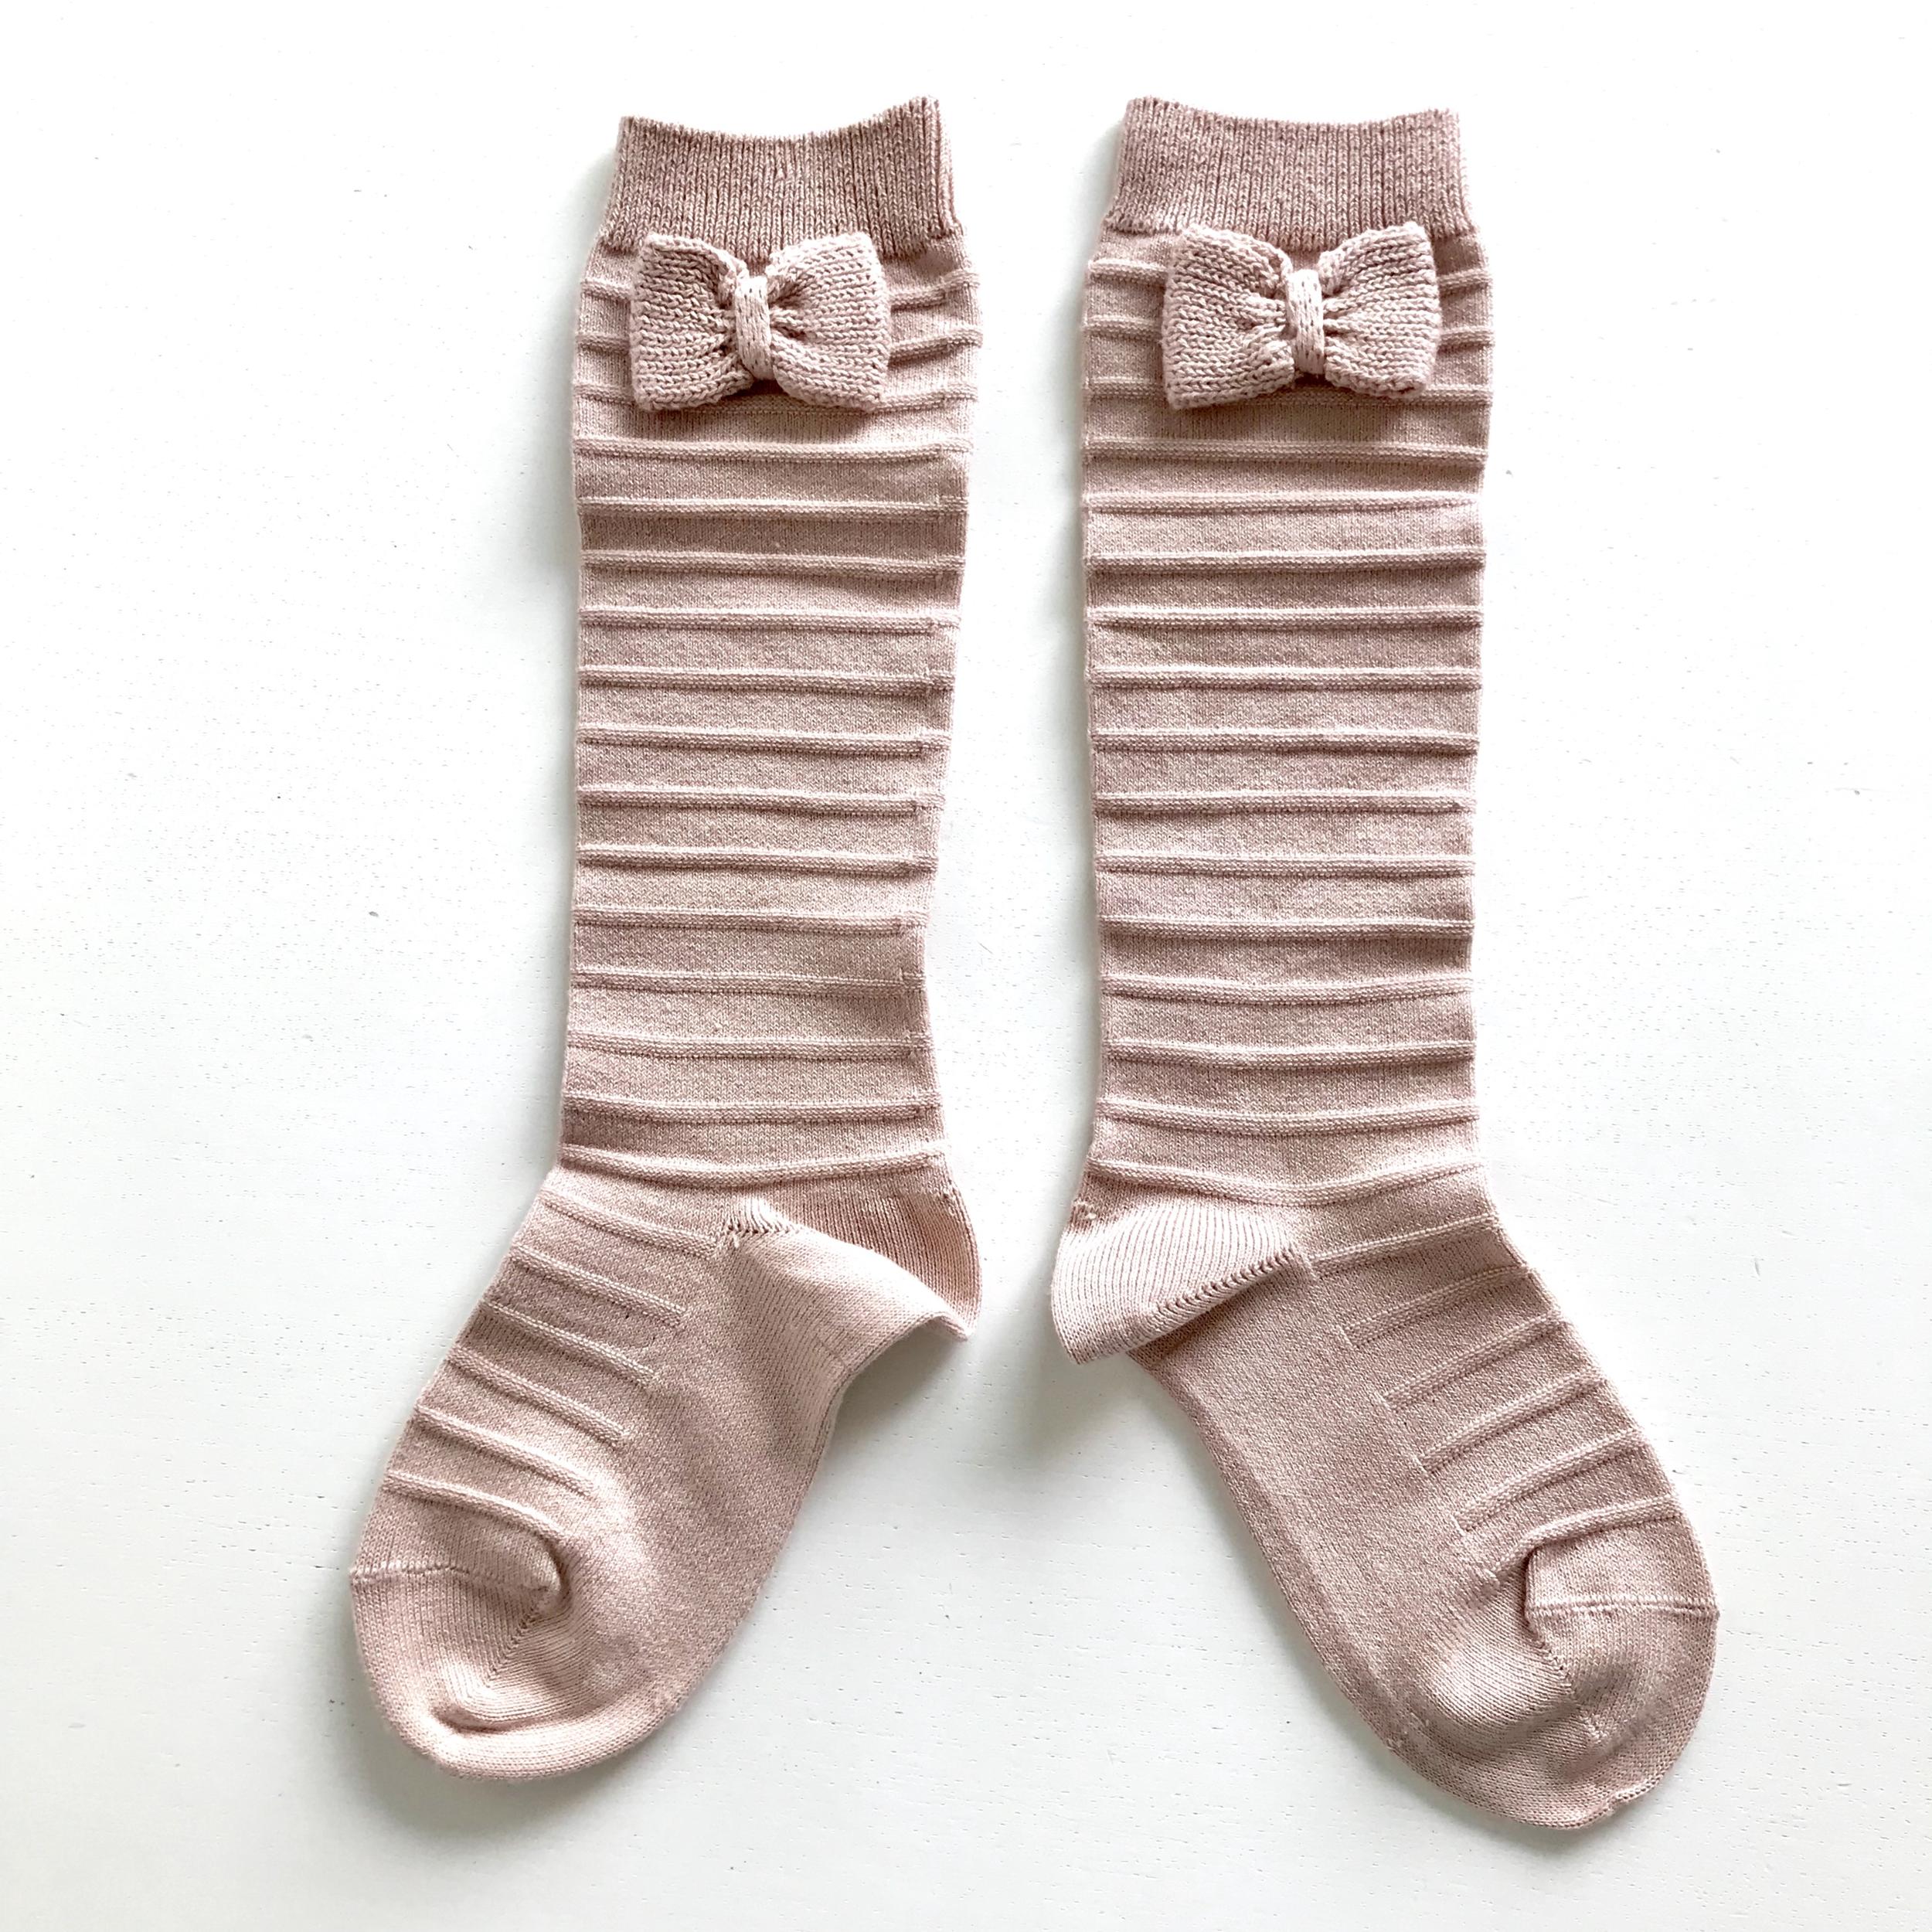 Chaussettes hautes Relief avec noeud tricot coloris Vieux rose